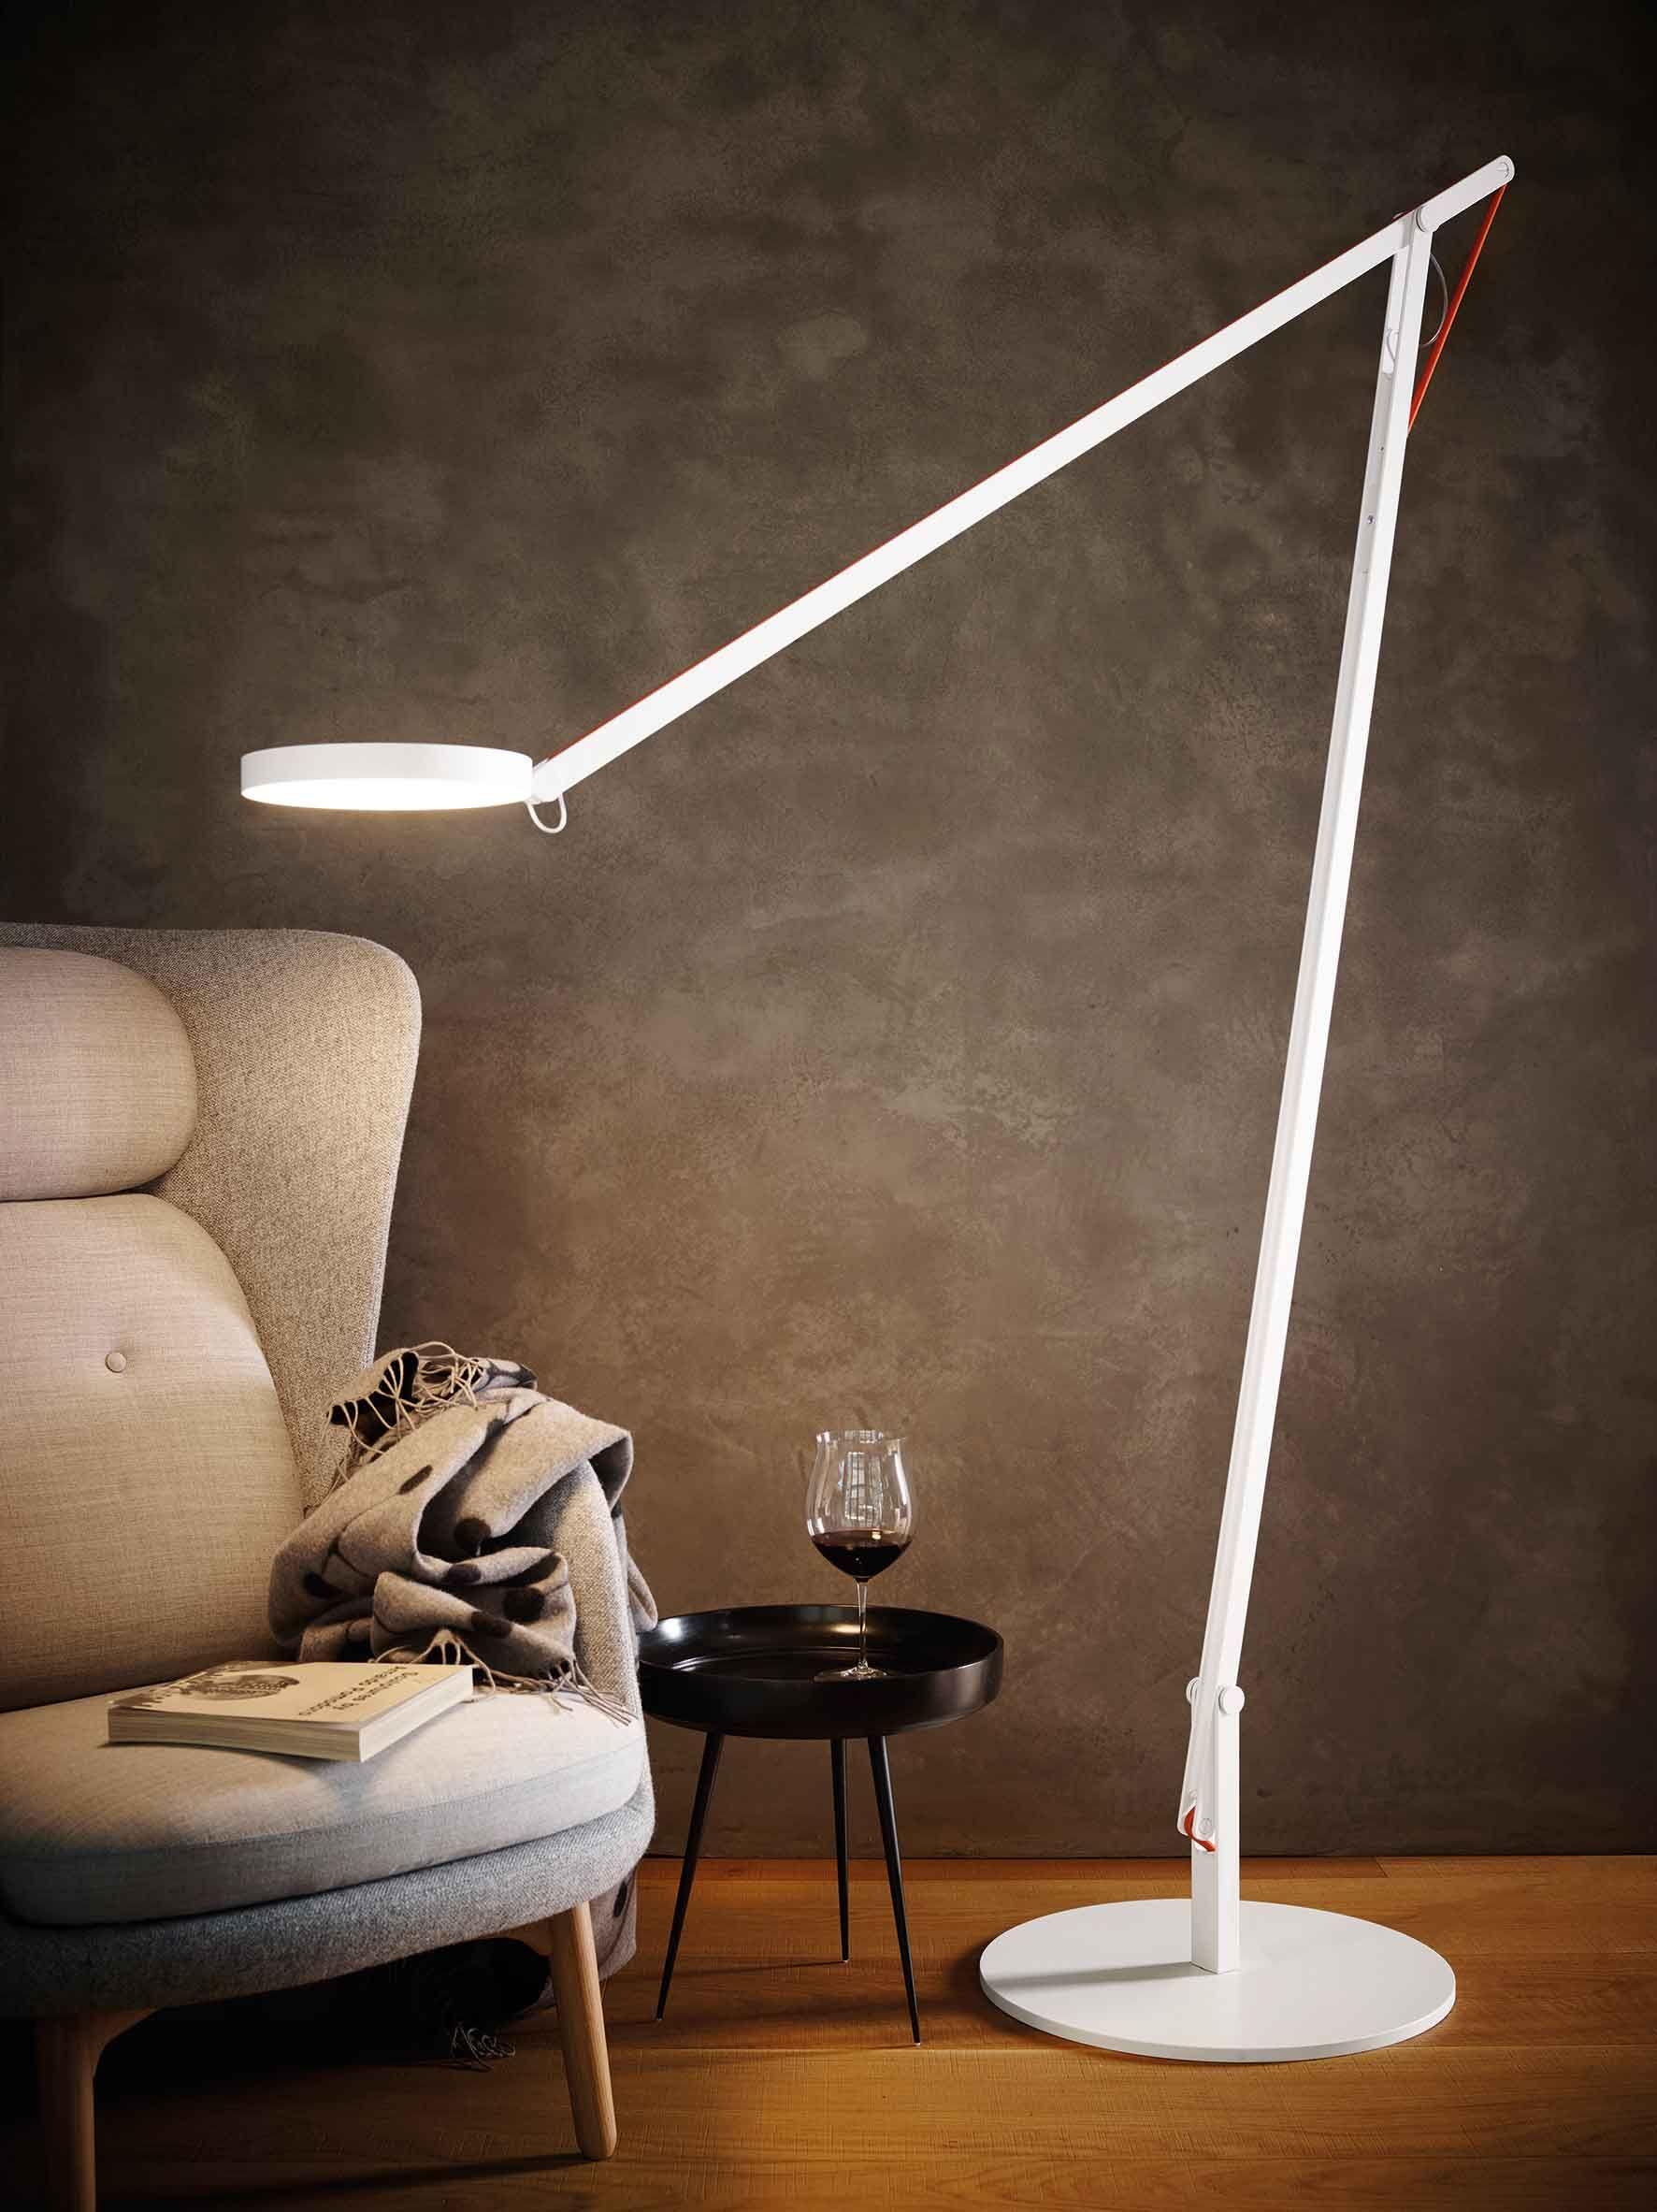 LED Stehleuchte aus Aluminium mit beweglichem Arm STRING XL by Rotaliana Design D